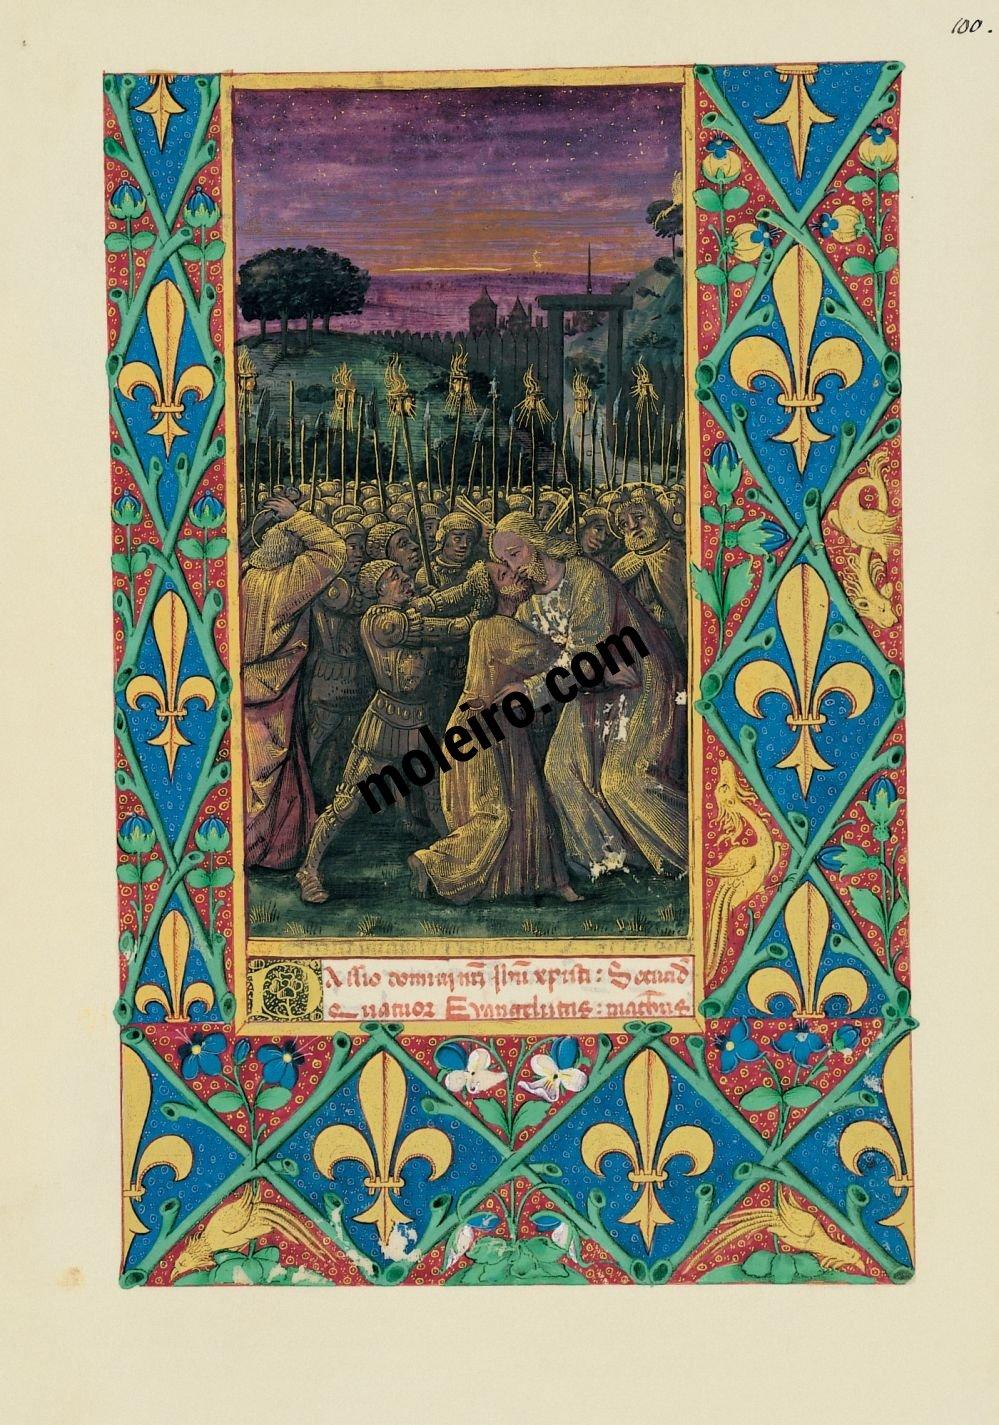 Libro de Horas de Luis de Orleans  f. 100r, El beso de Judas